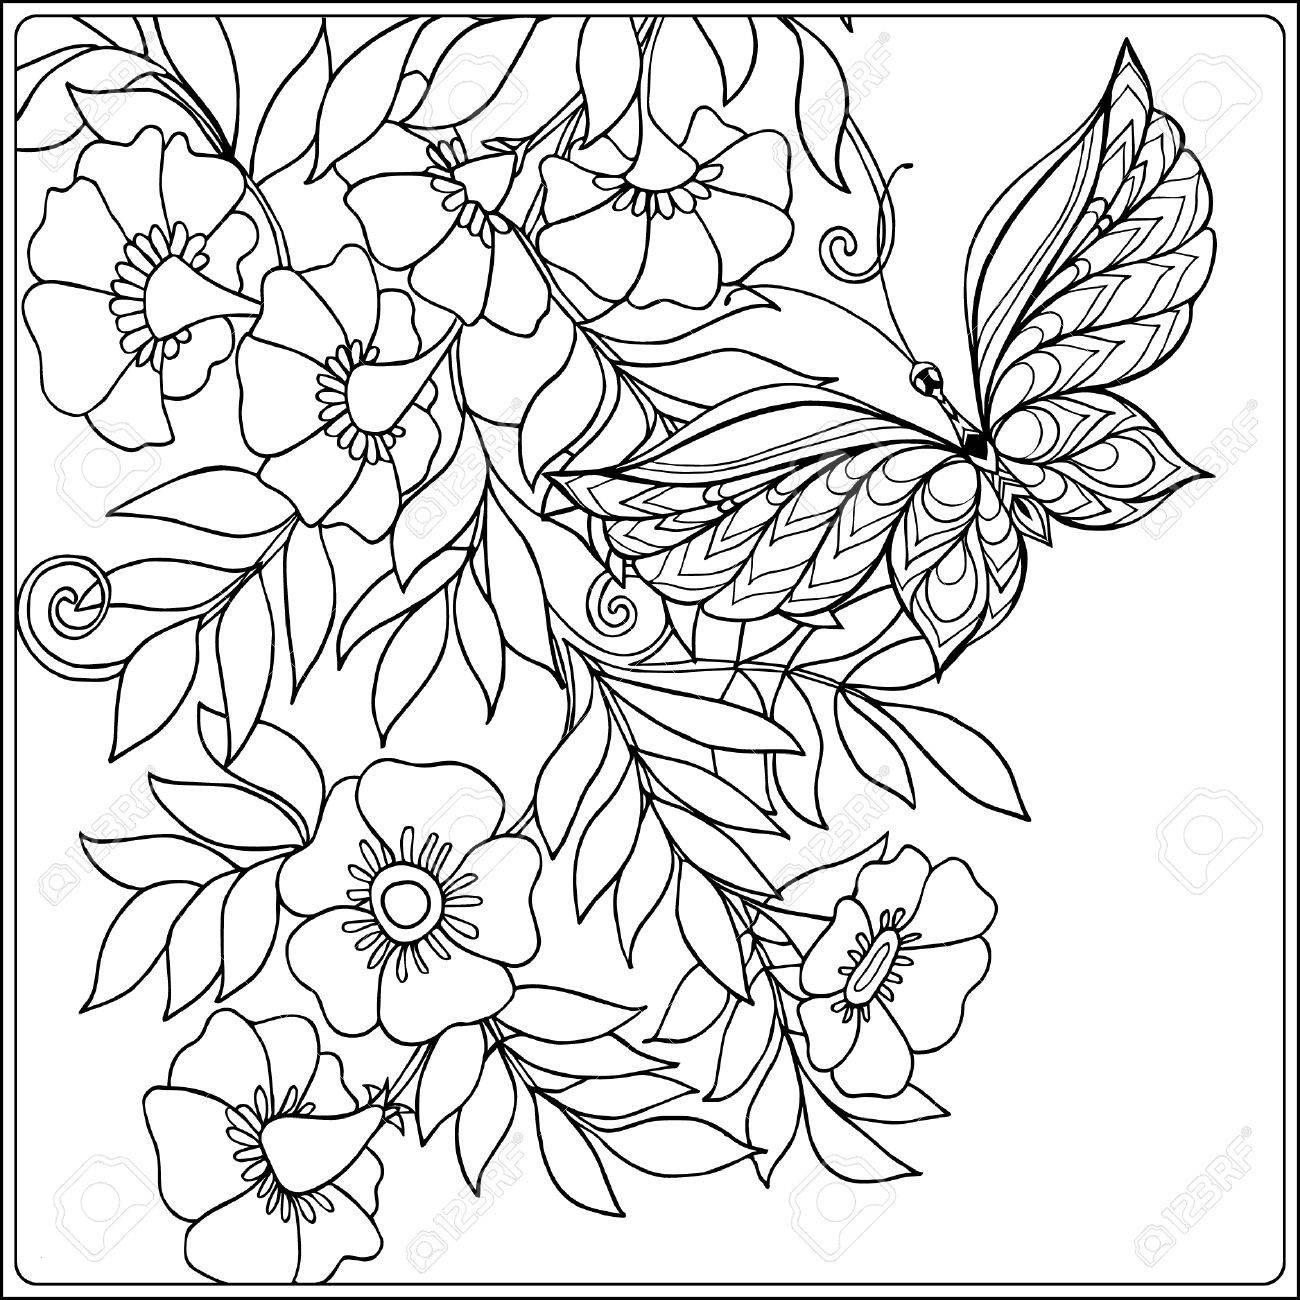 Ausmalbilder Dragons Auf Zu Neuen Ufern Neu Malvorlagen Für Erwachsene Herz Neu Großartig Malvorlagen Von Blumen Sammlung